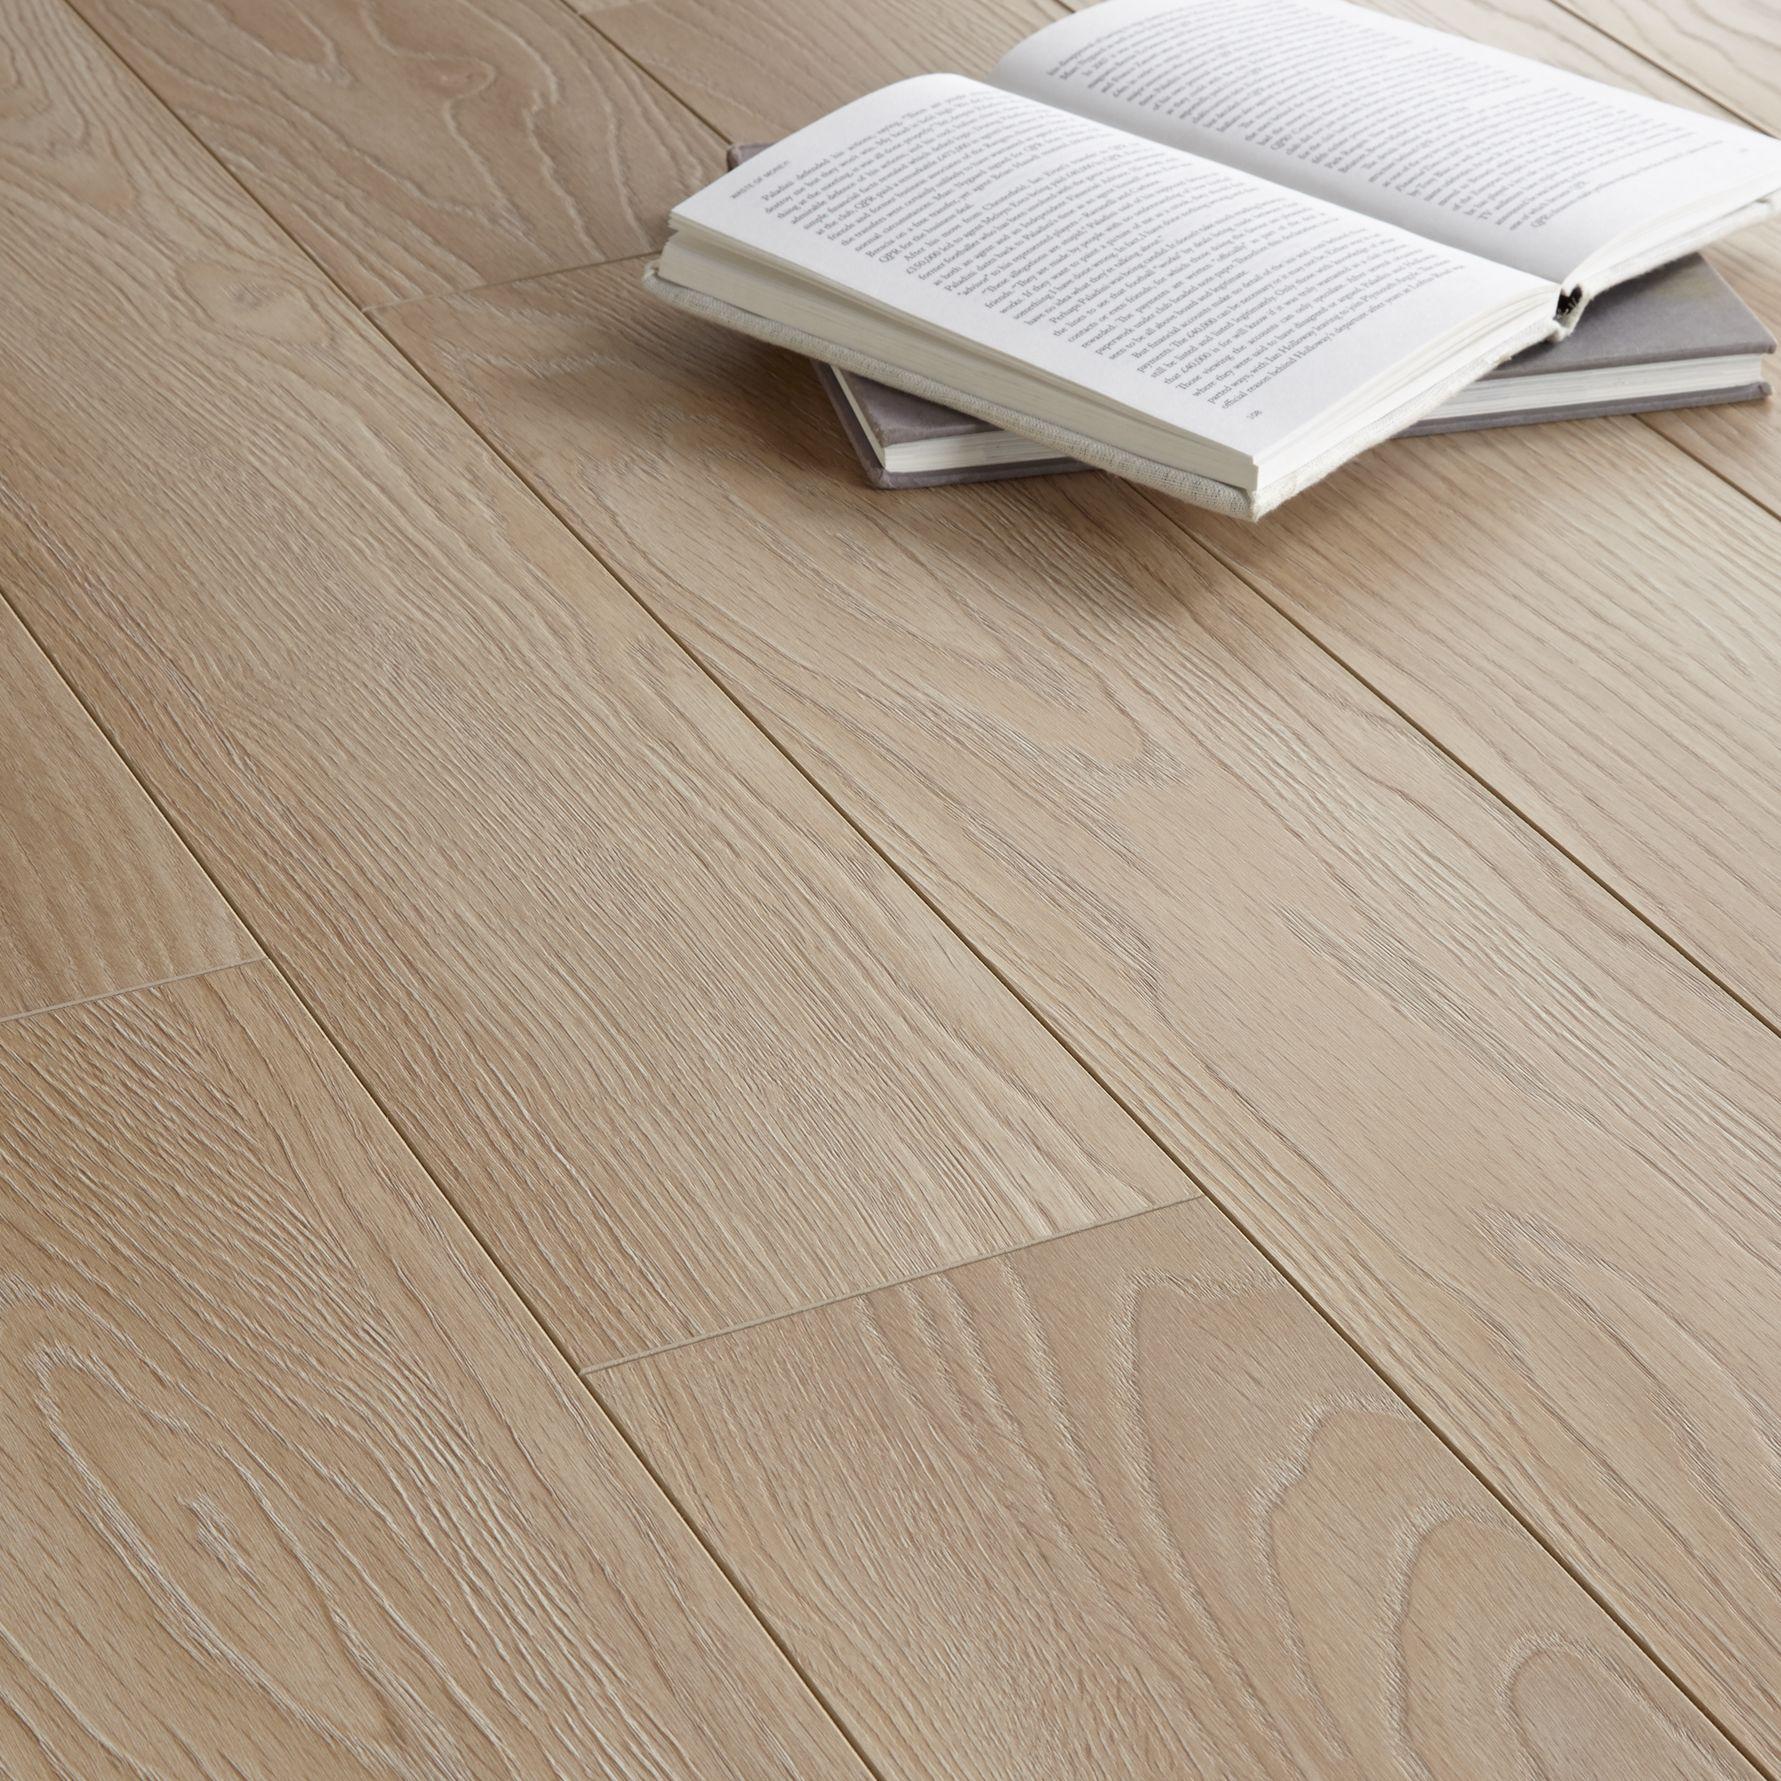 flooring & underlay